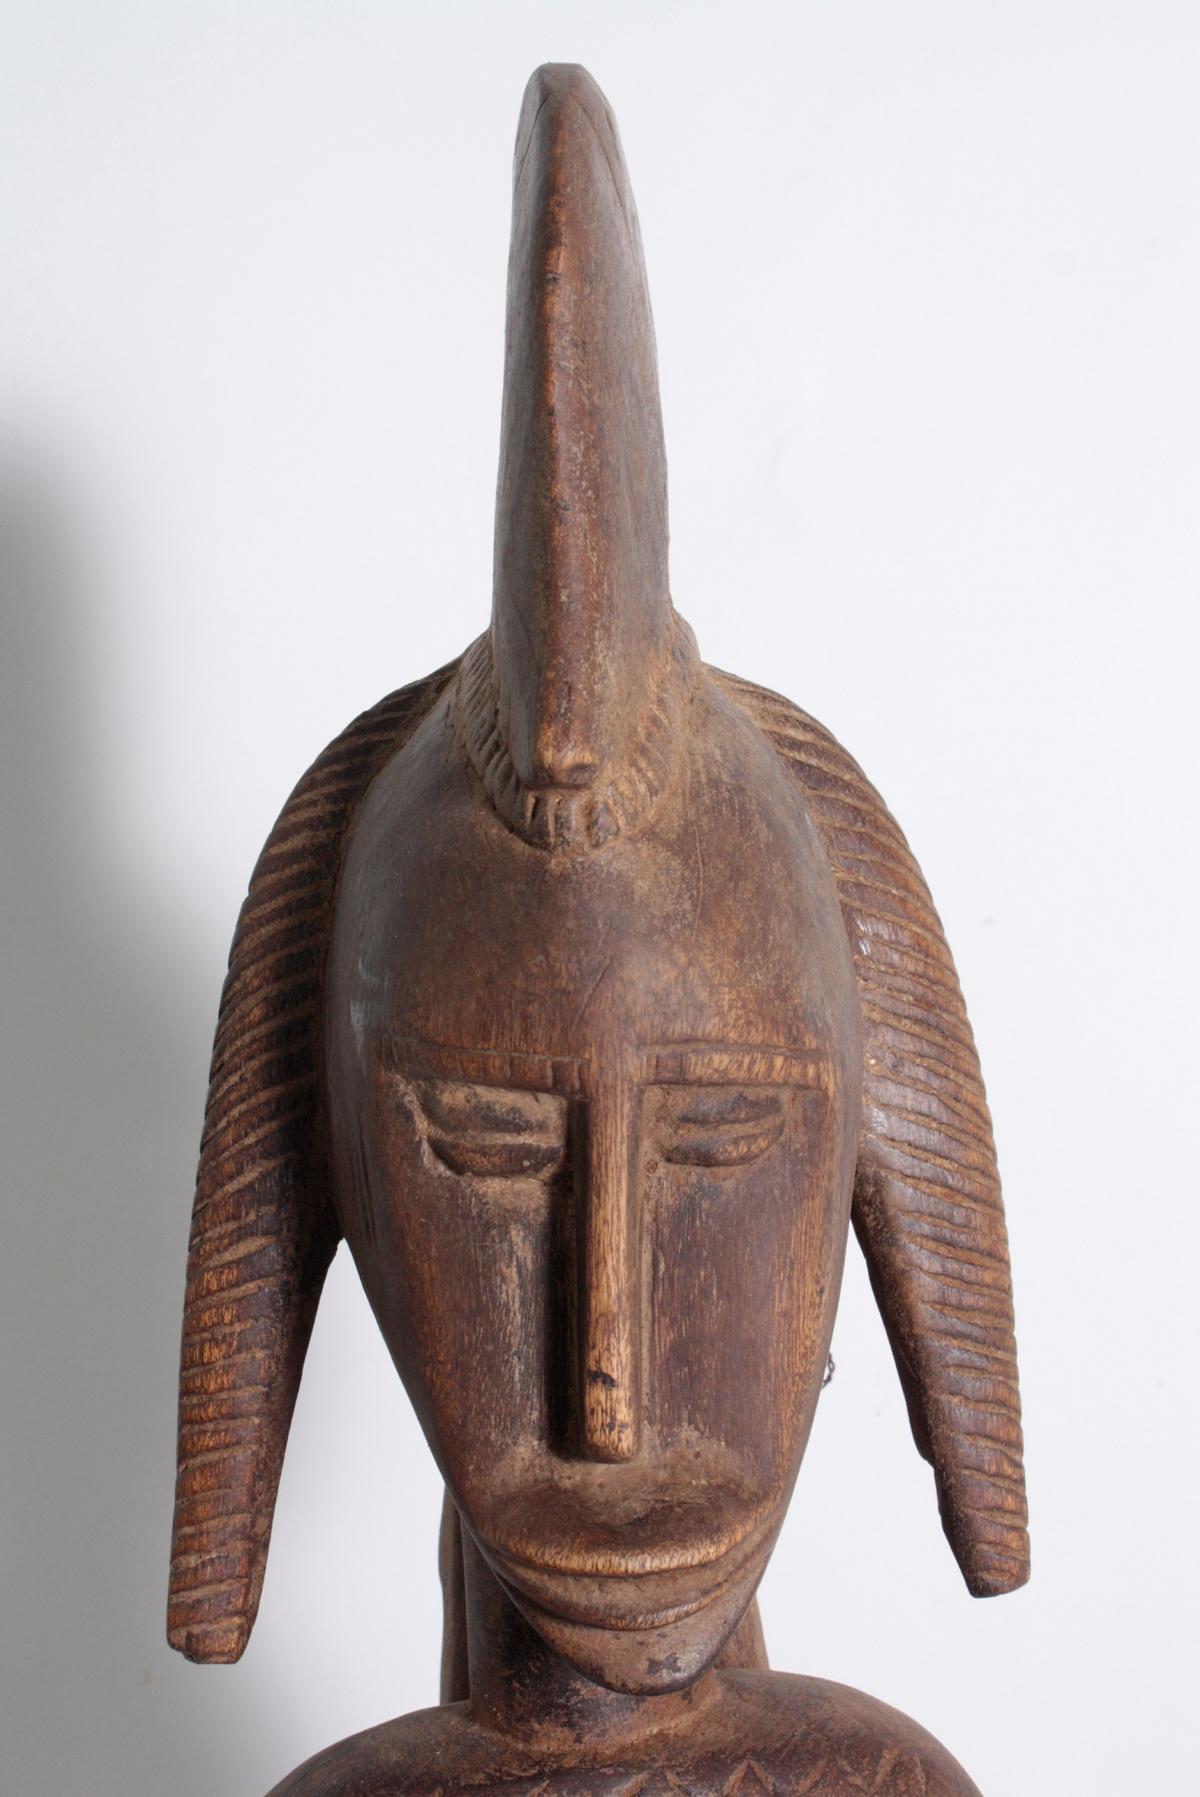 Stehende Frauenfigur, Senufo/Elfenbeinküste, 1. Hälfte 20. Jh.-2